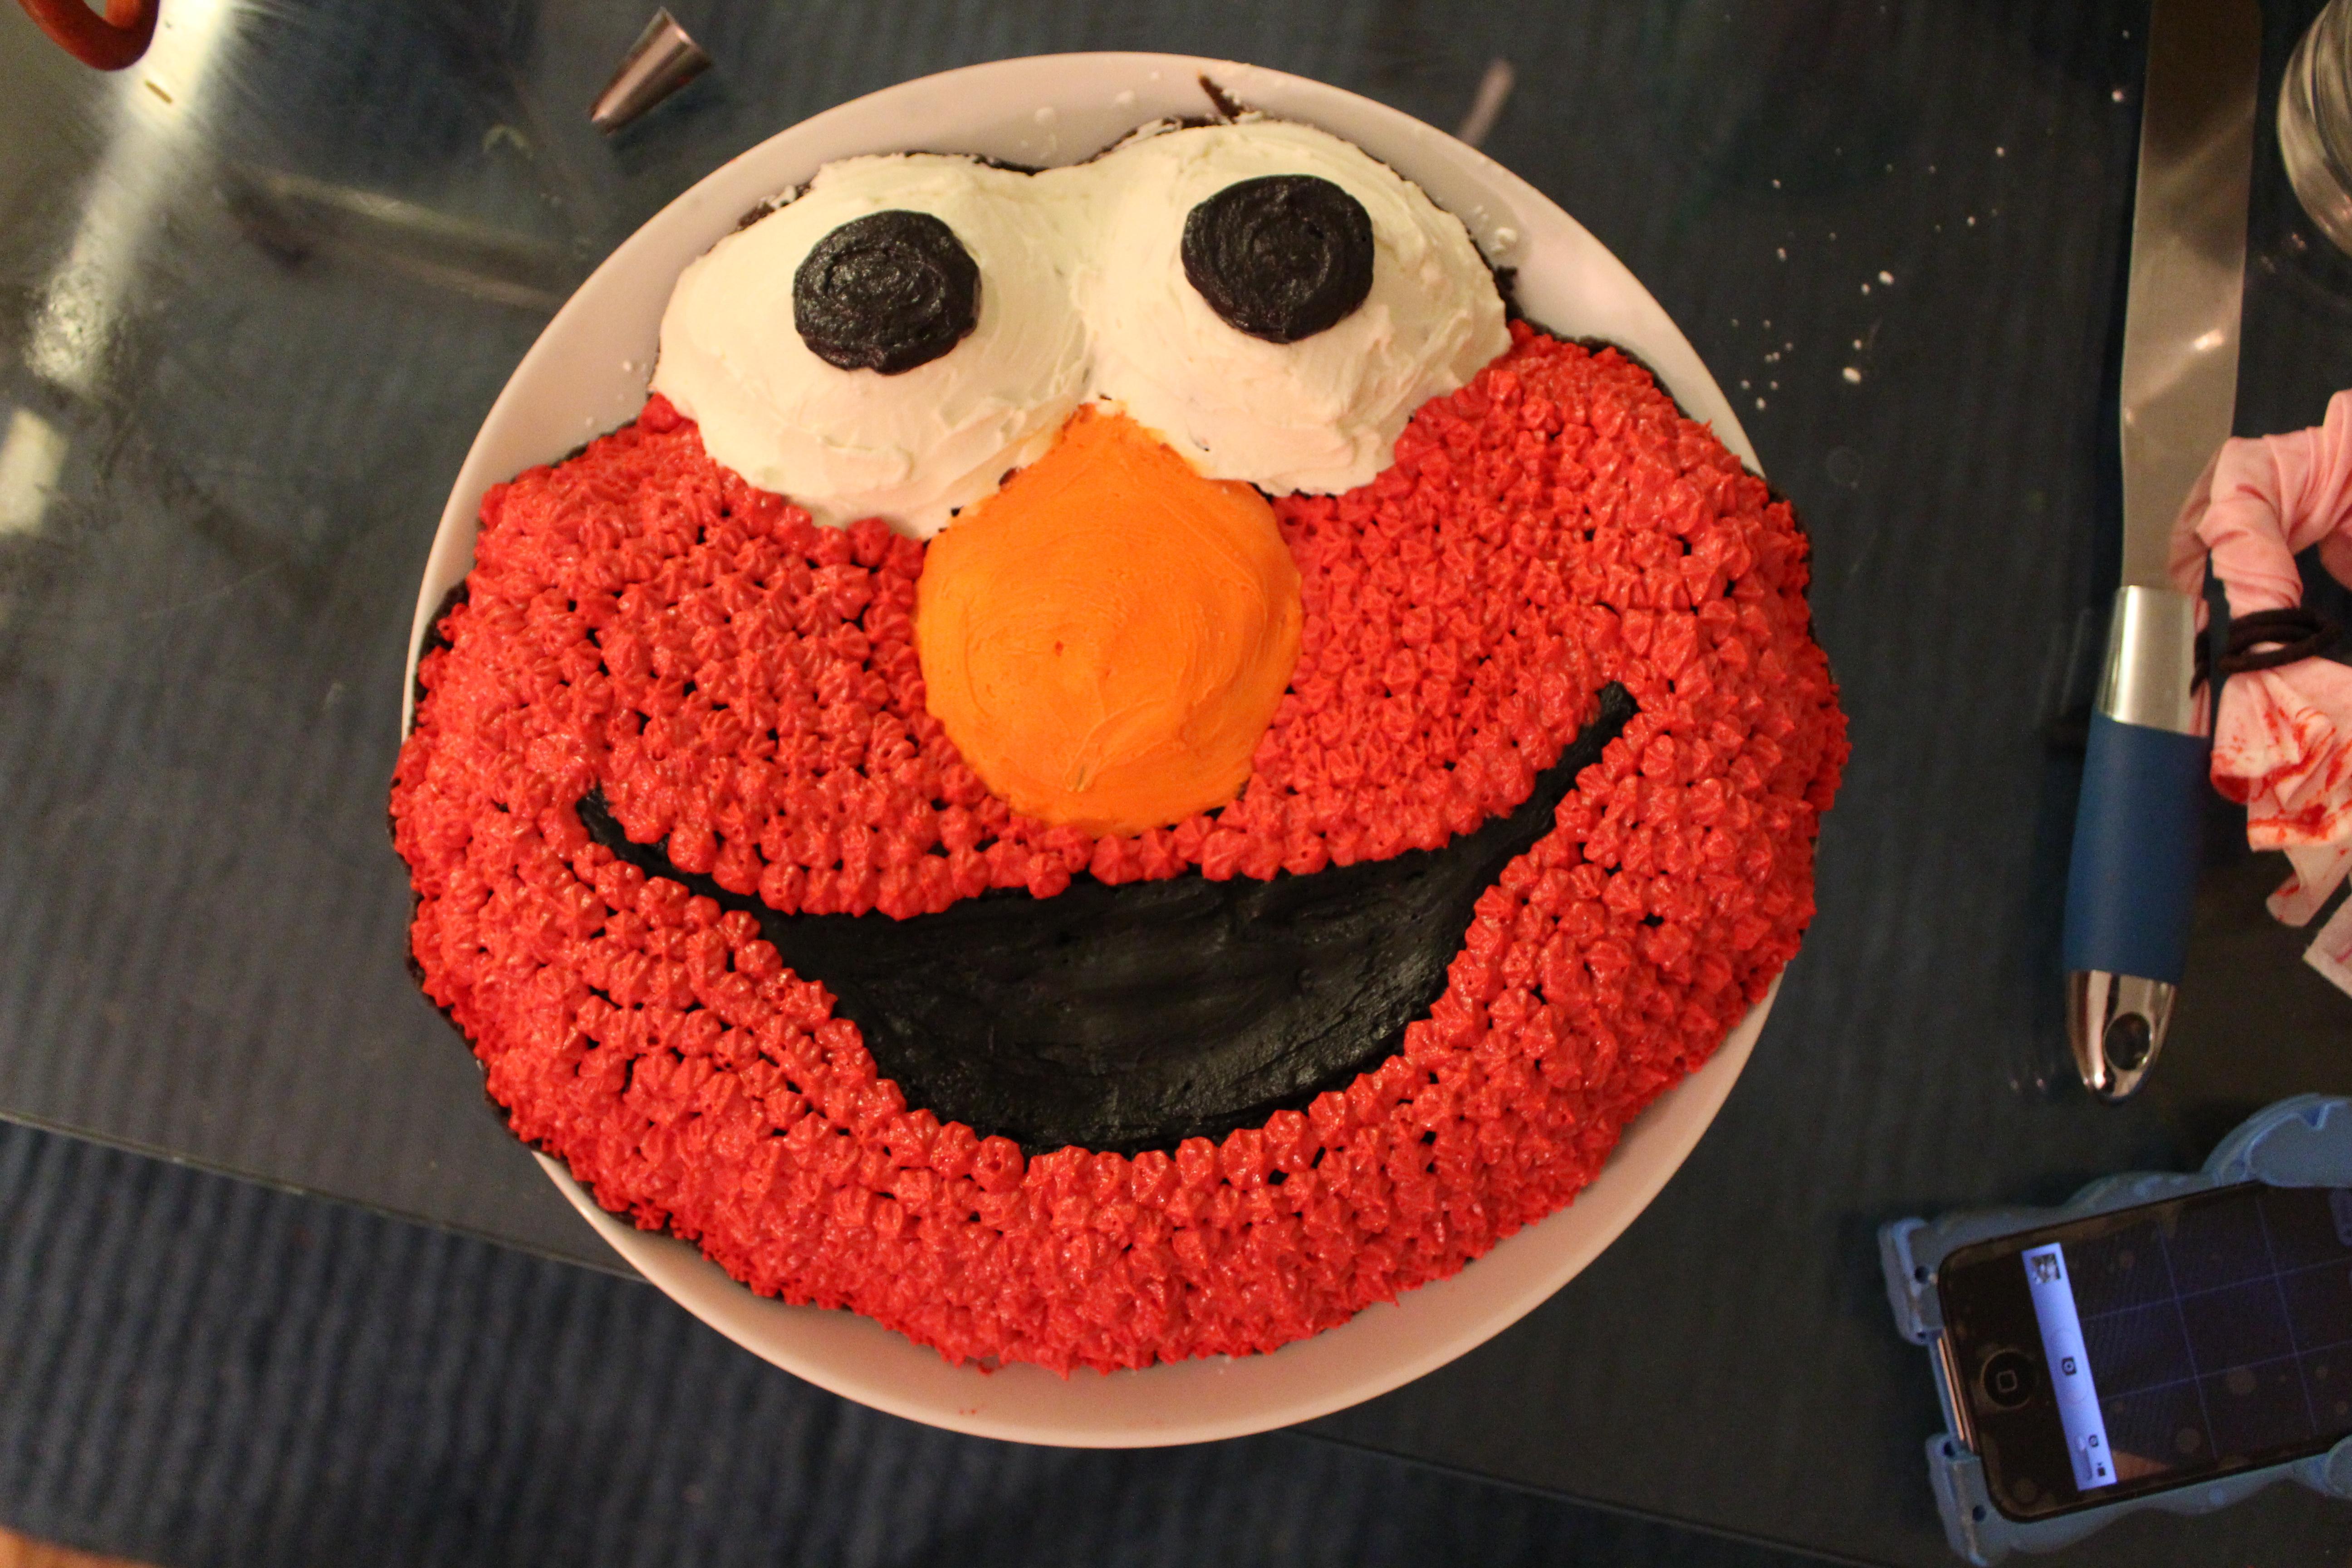 How To Make An Elmo Shaped Cake